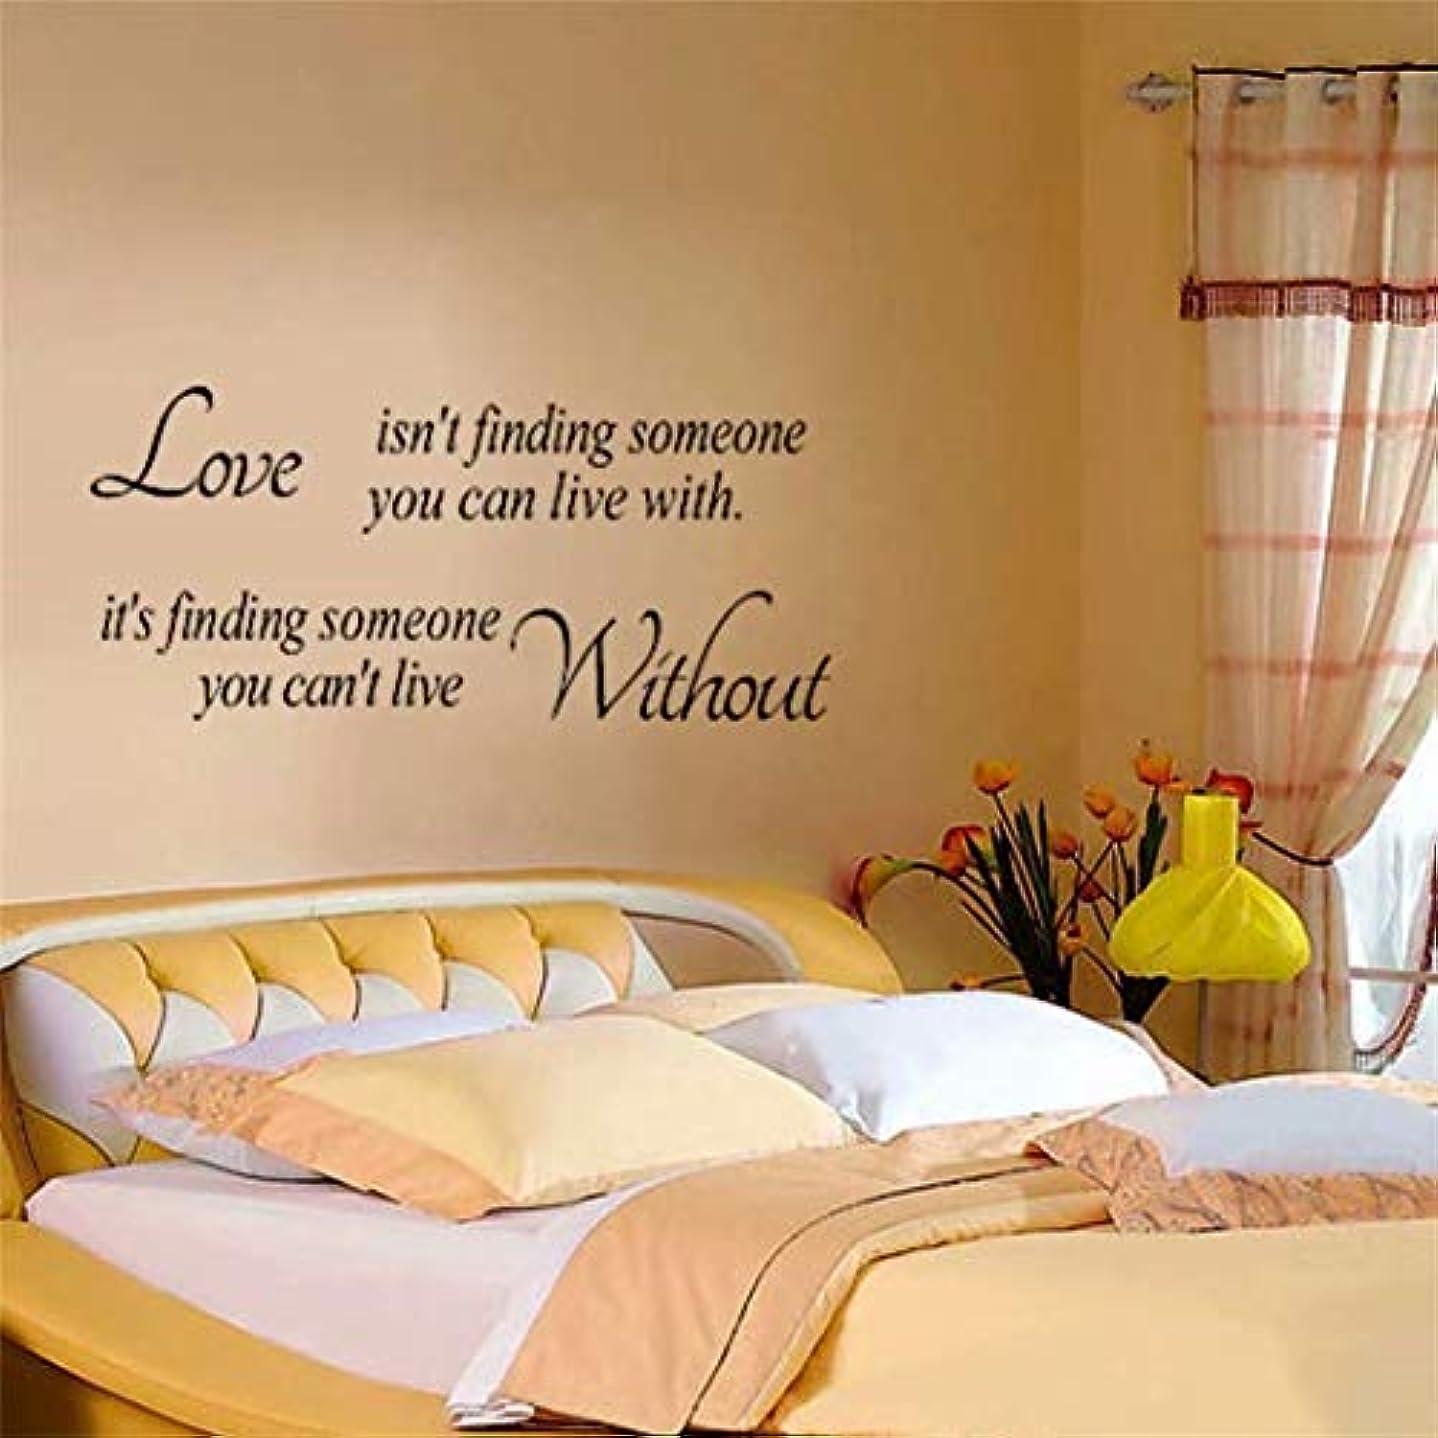 生き物各絶対に七里の香 Love Isn't Finding Someone You Can Live With ウォールステッカー 防水 除去でき 壁飾り 壁紙 ベッドルーム リビングルームの背景